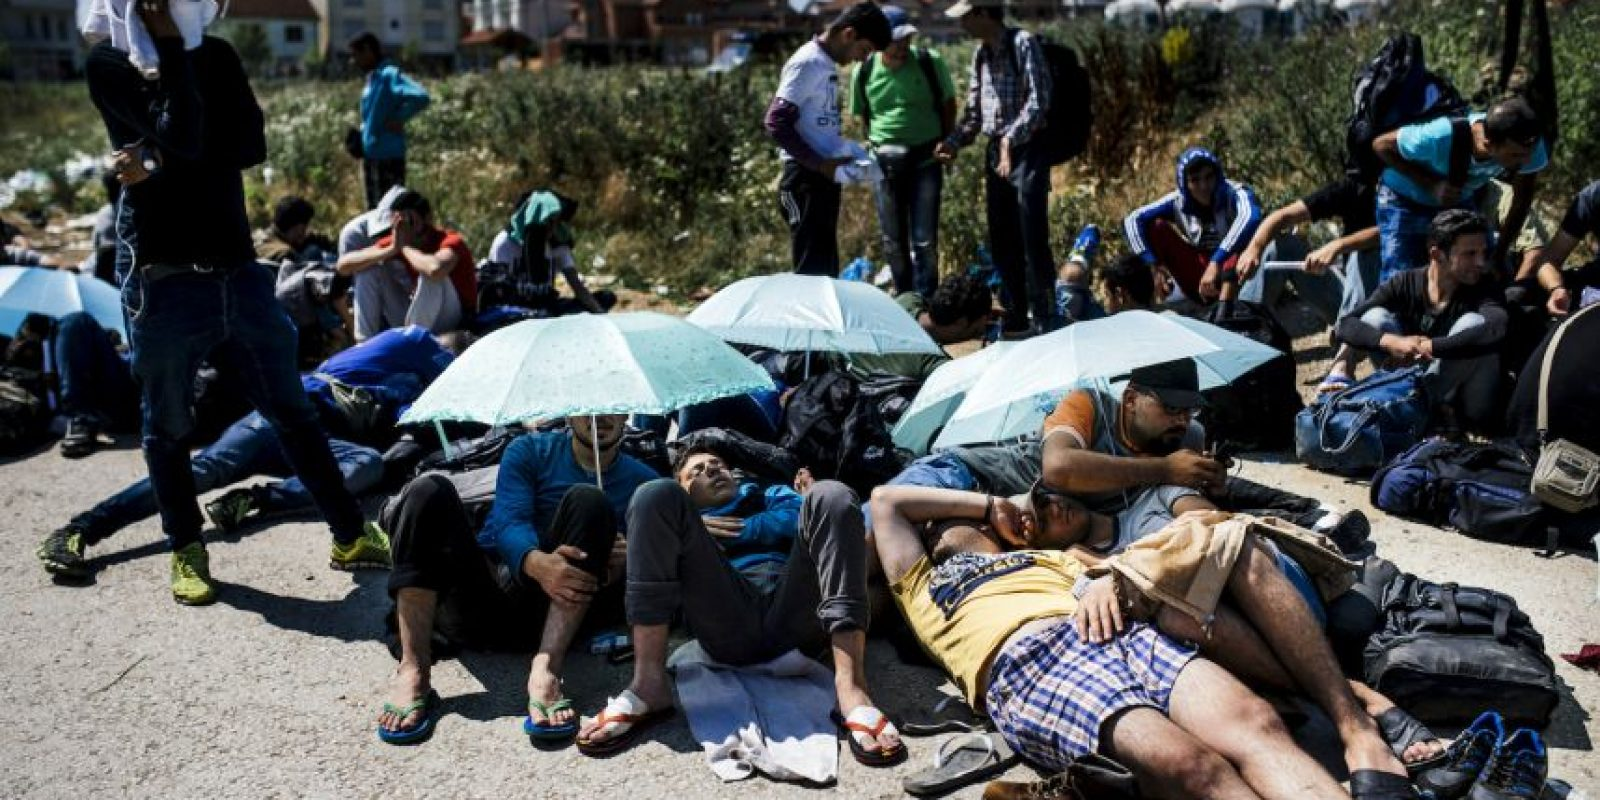 Ya que muchos fingen ser más jóvenes para recibir ayuda legal. Foto:AFP